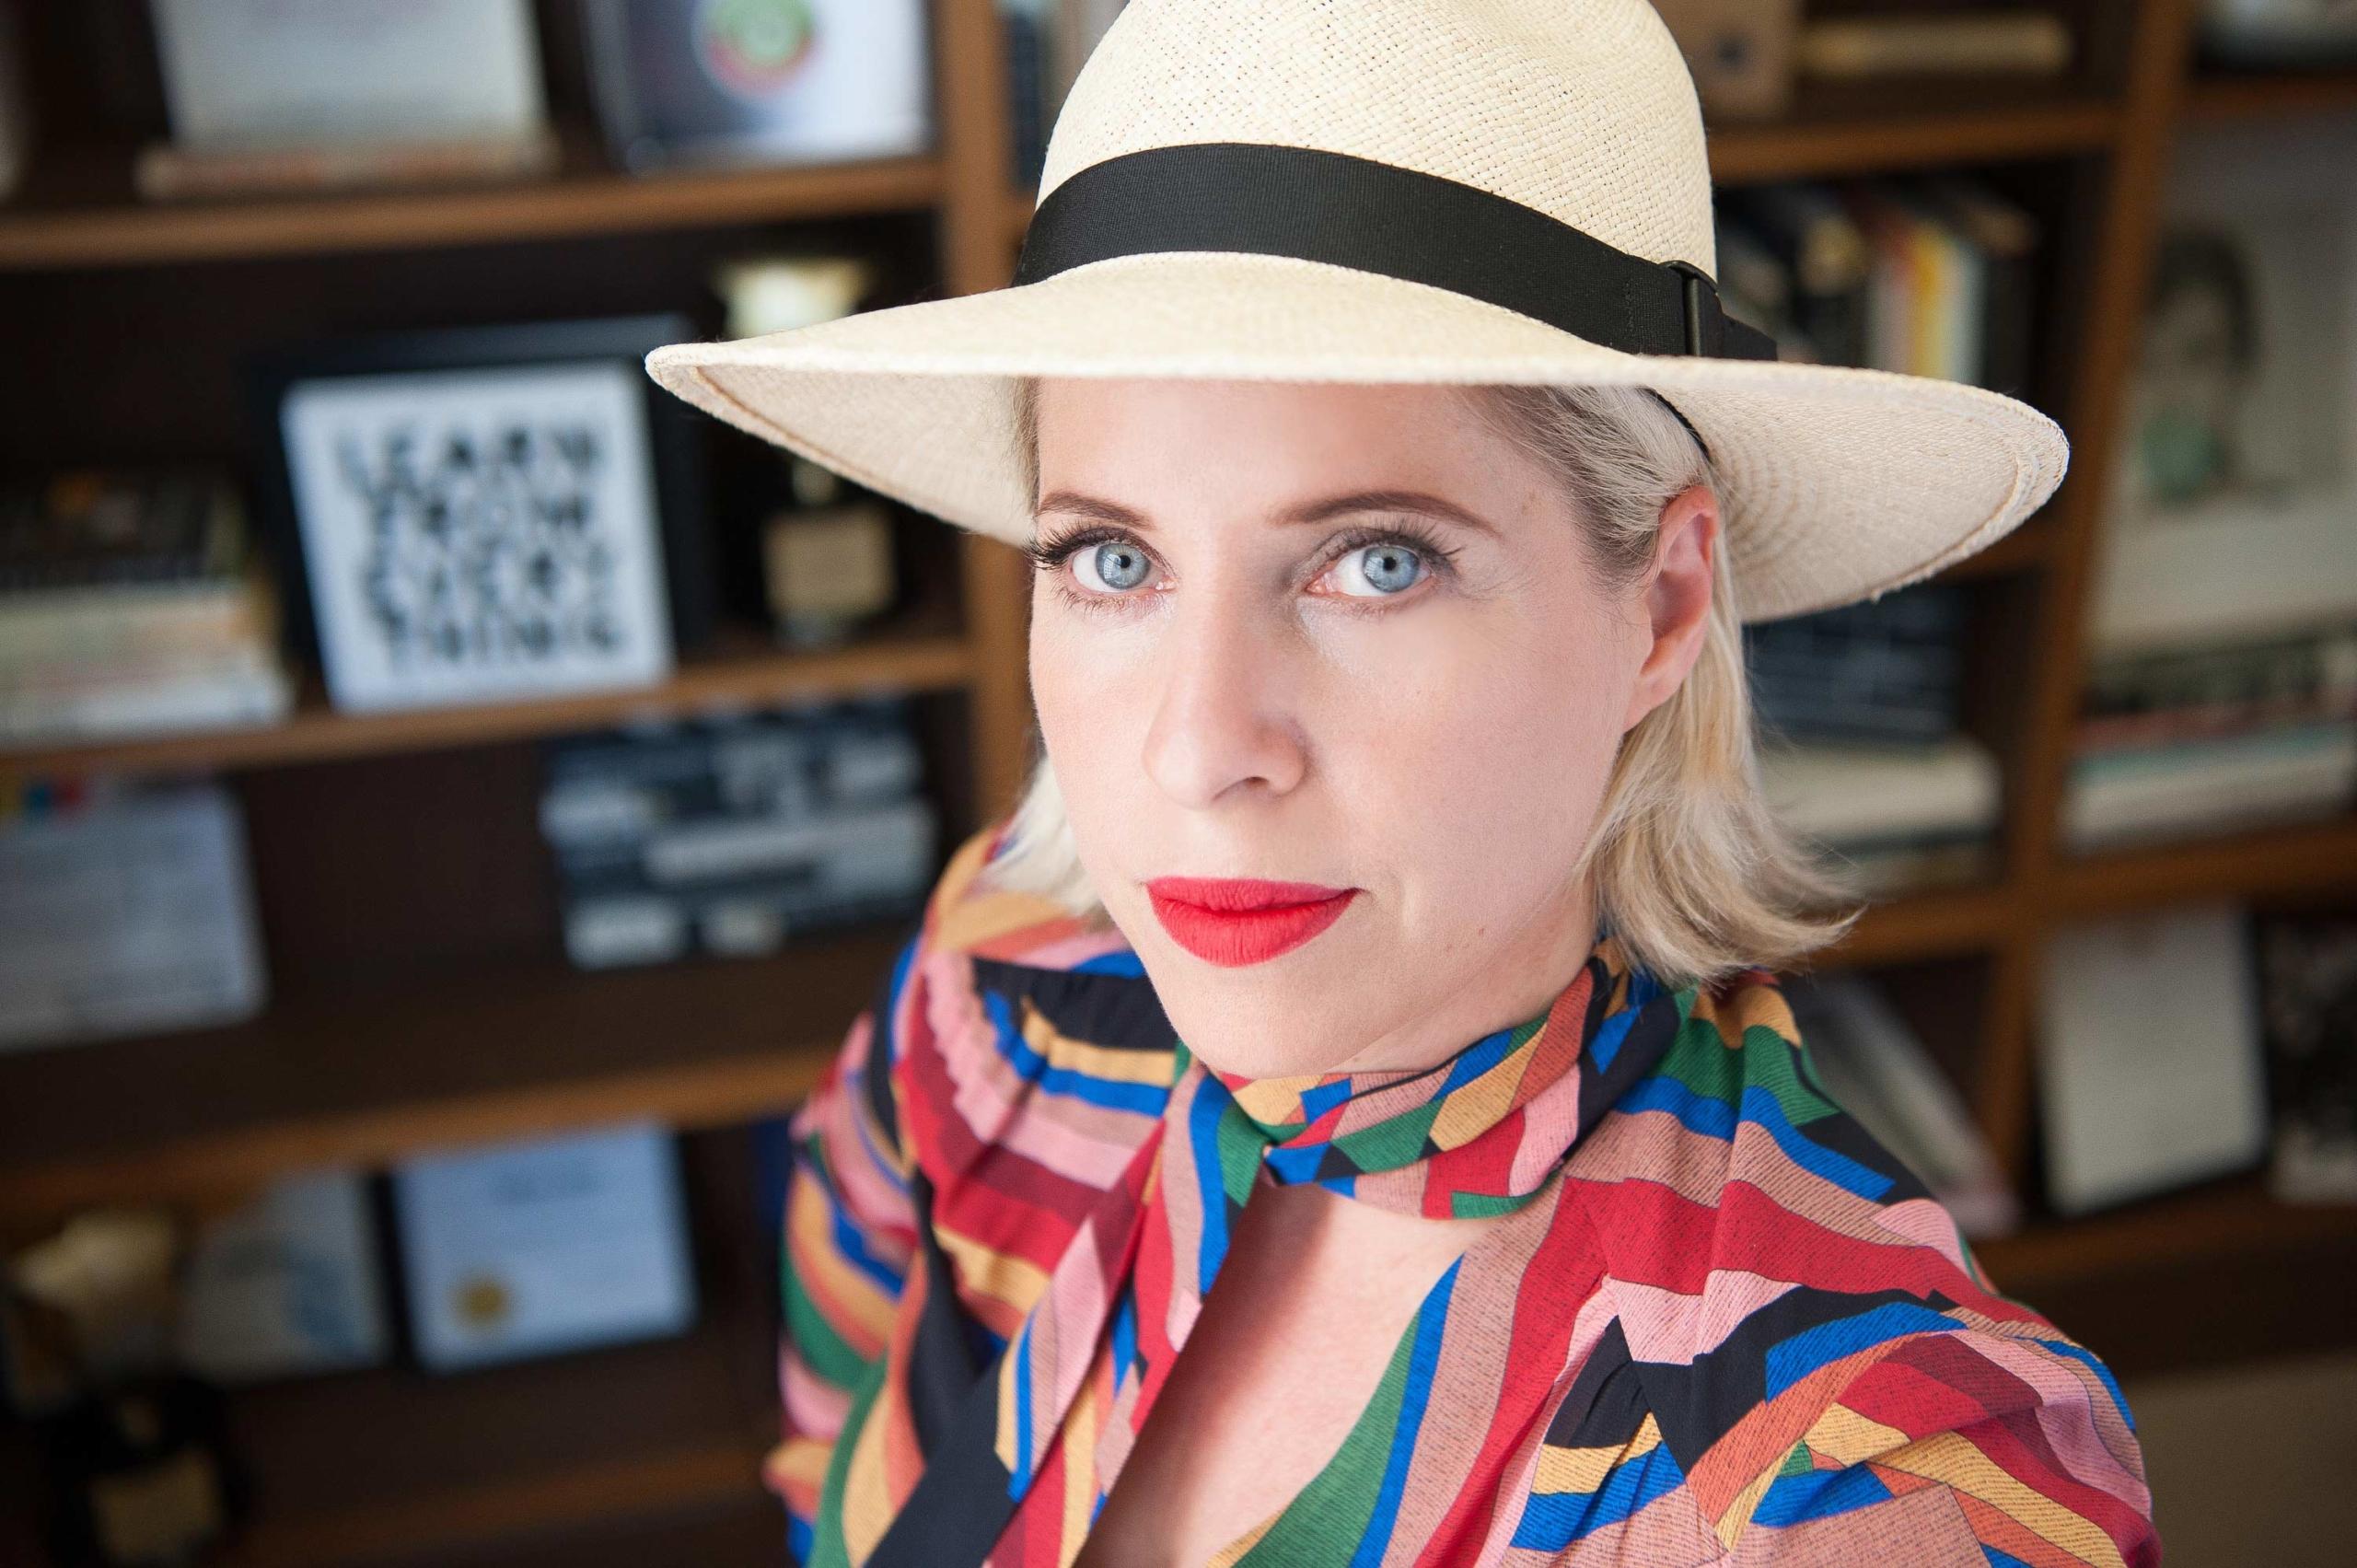 Tiffany-Shlain-author-photo-credit-Lauri-Levenfeld-2-scaled